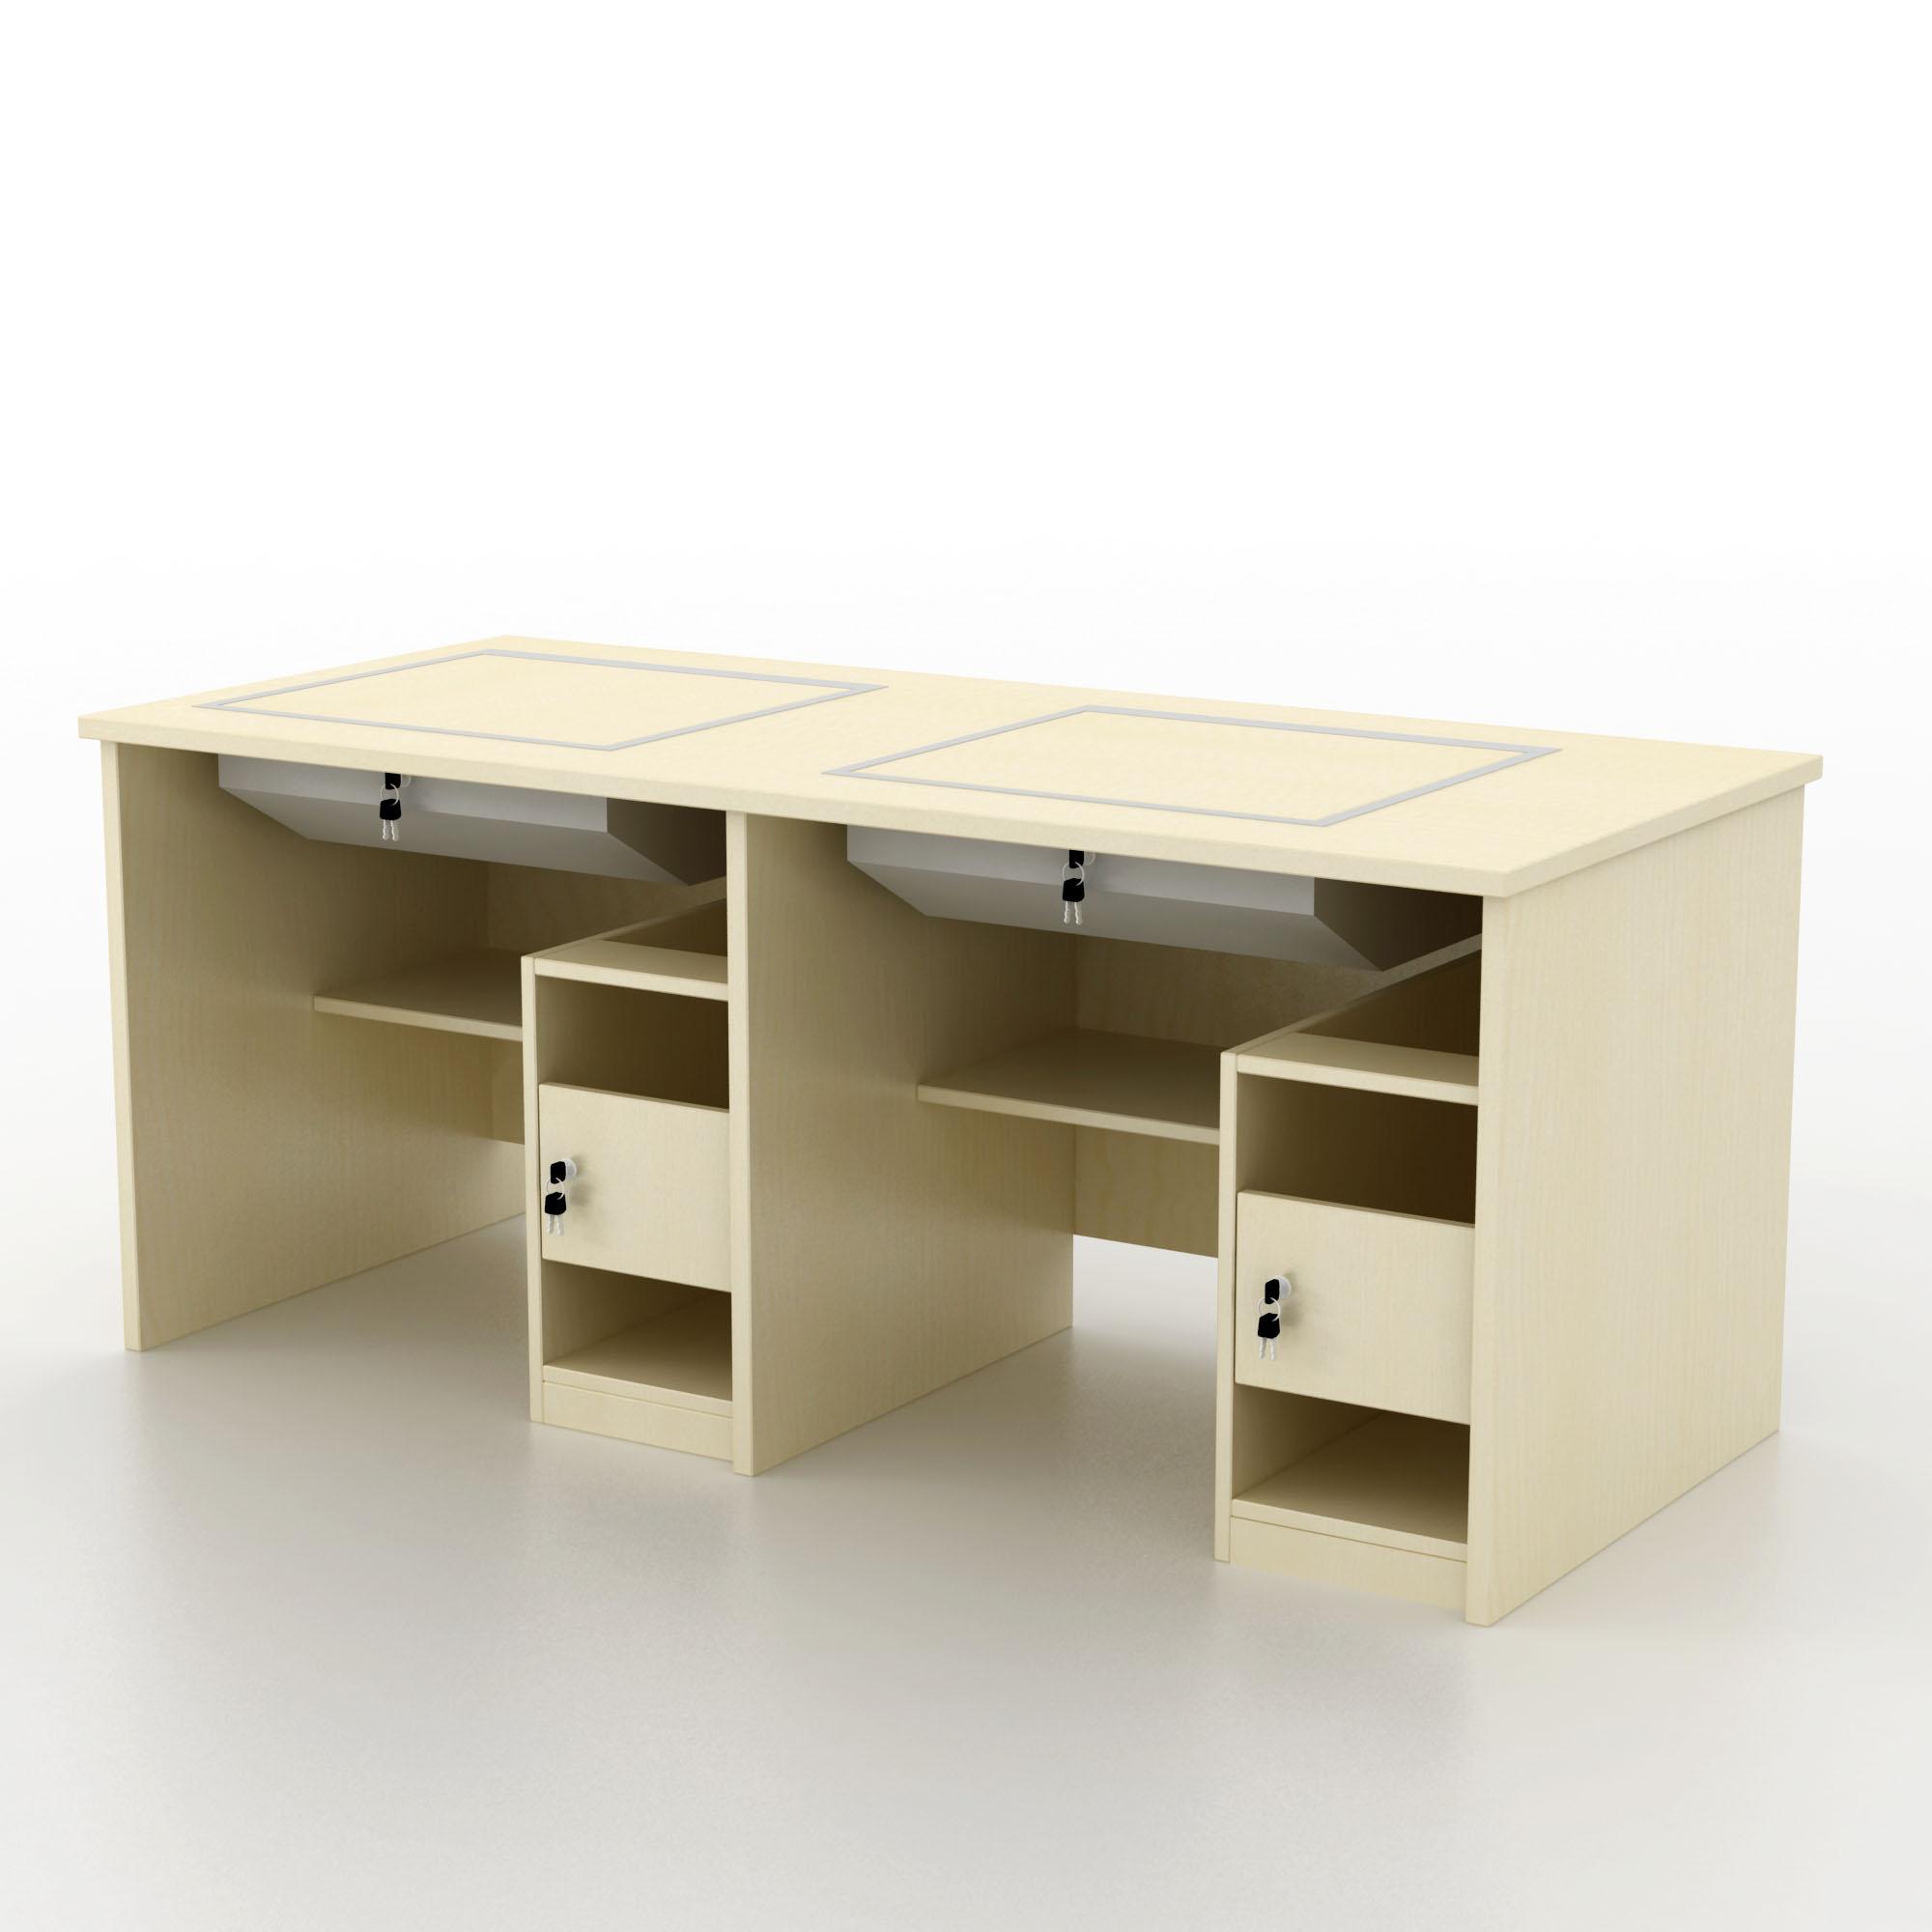 上一个 商品编号:1512021 商品名称:双人电脑桌